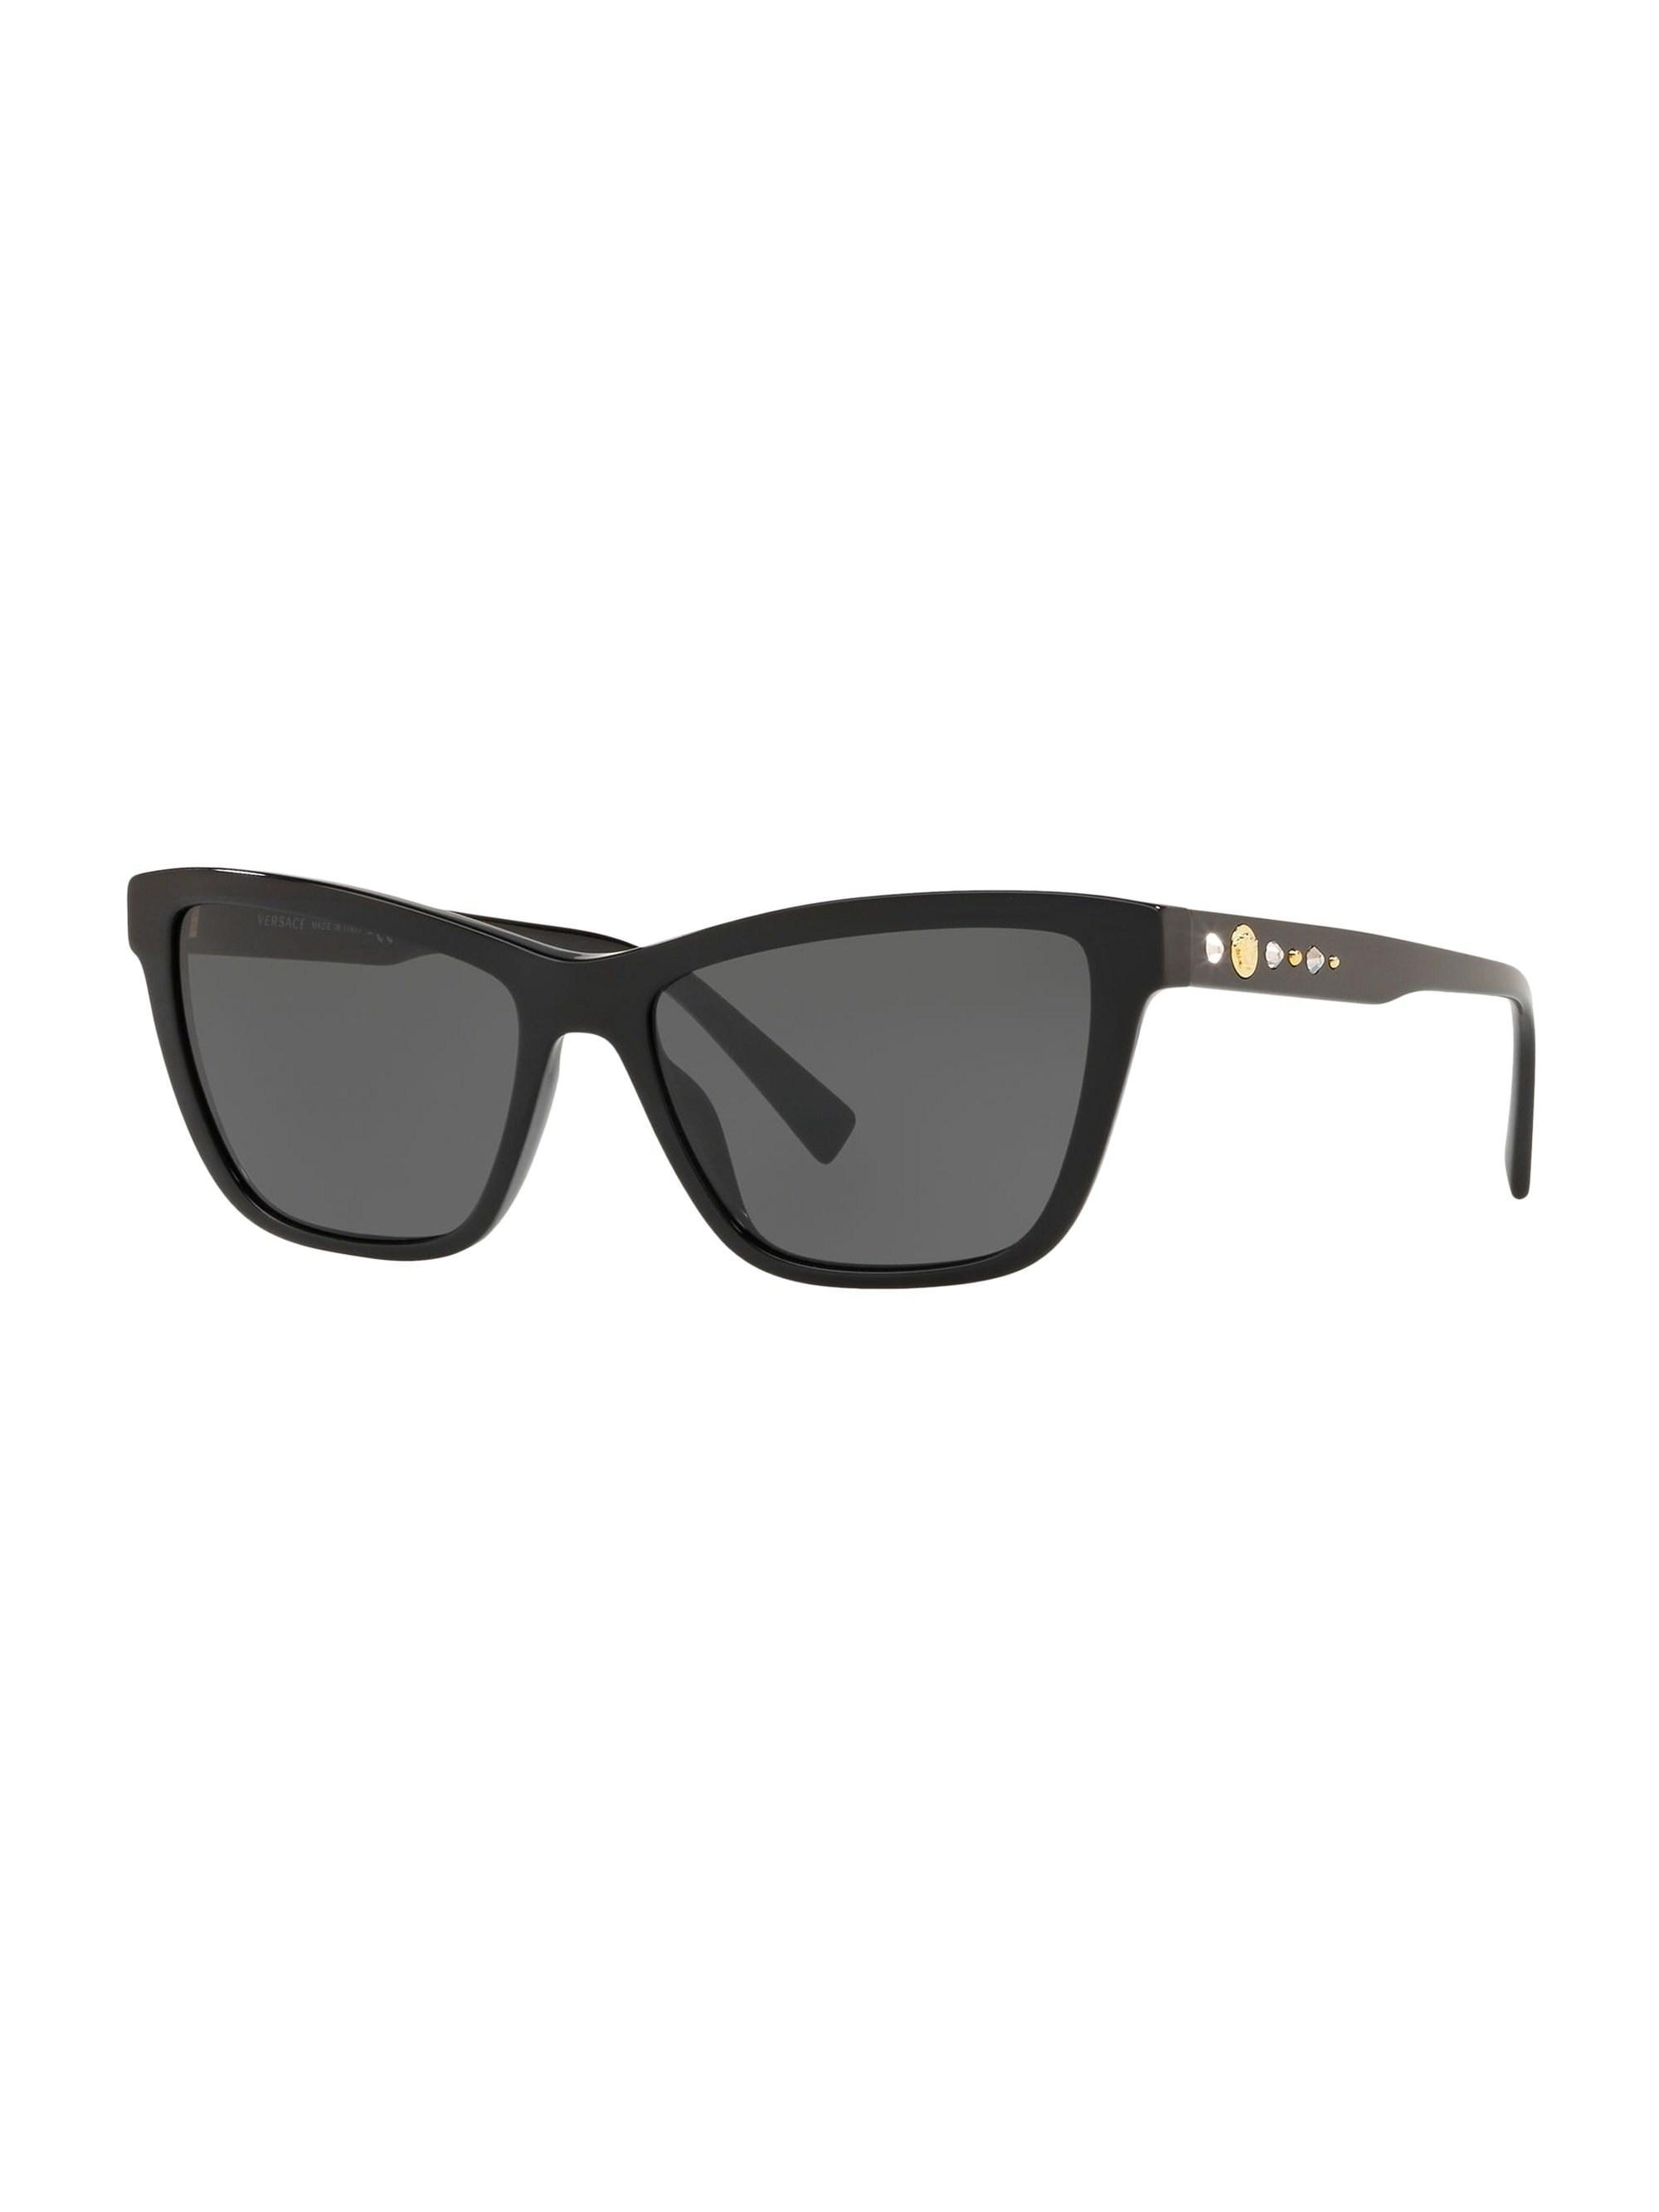 2a7862cd5d34 Versace - Black 0ve4354b 55mm Wayfarer Sunglasses - Lyst. View fullscreen